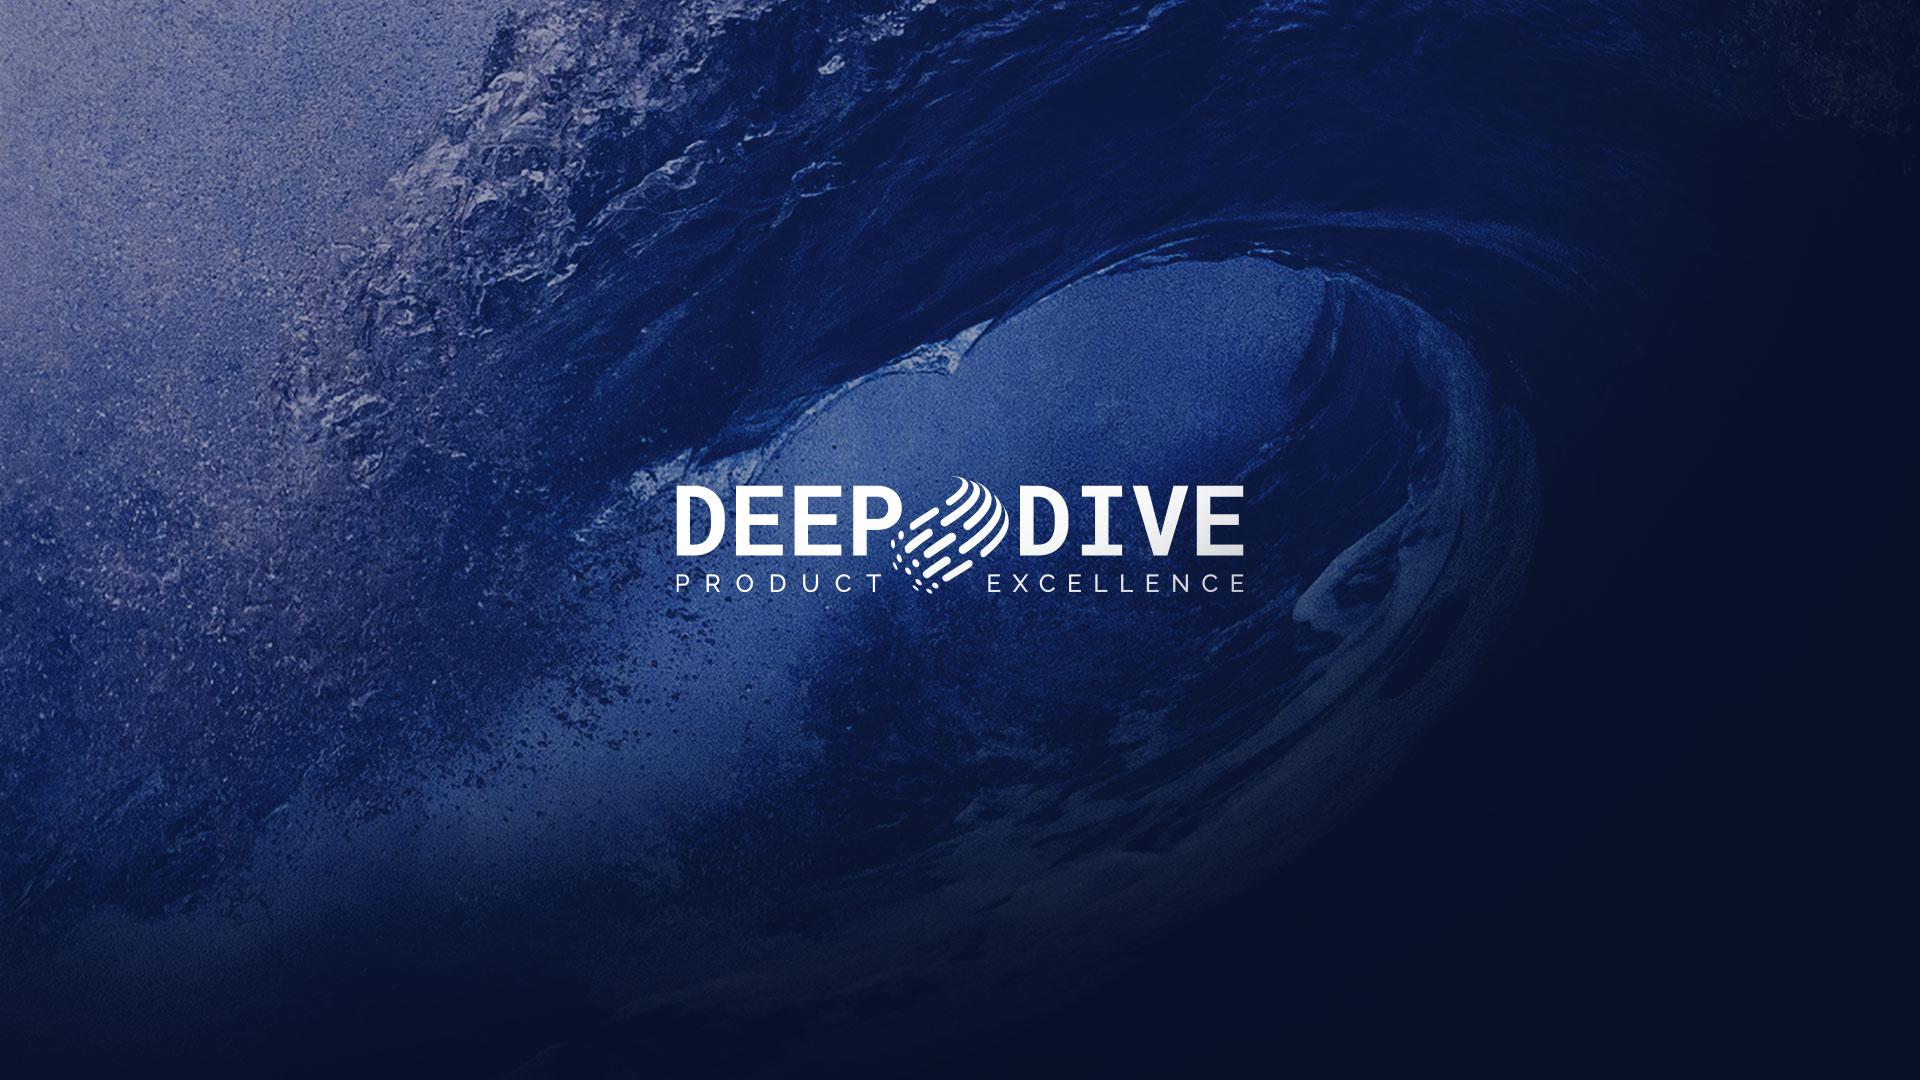 deepdive logo